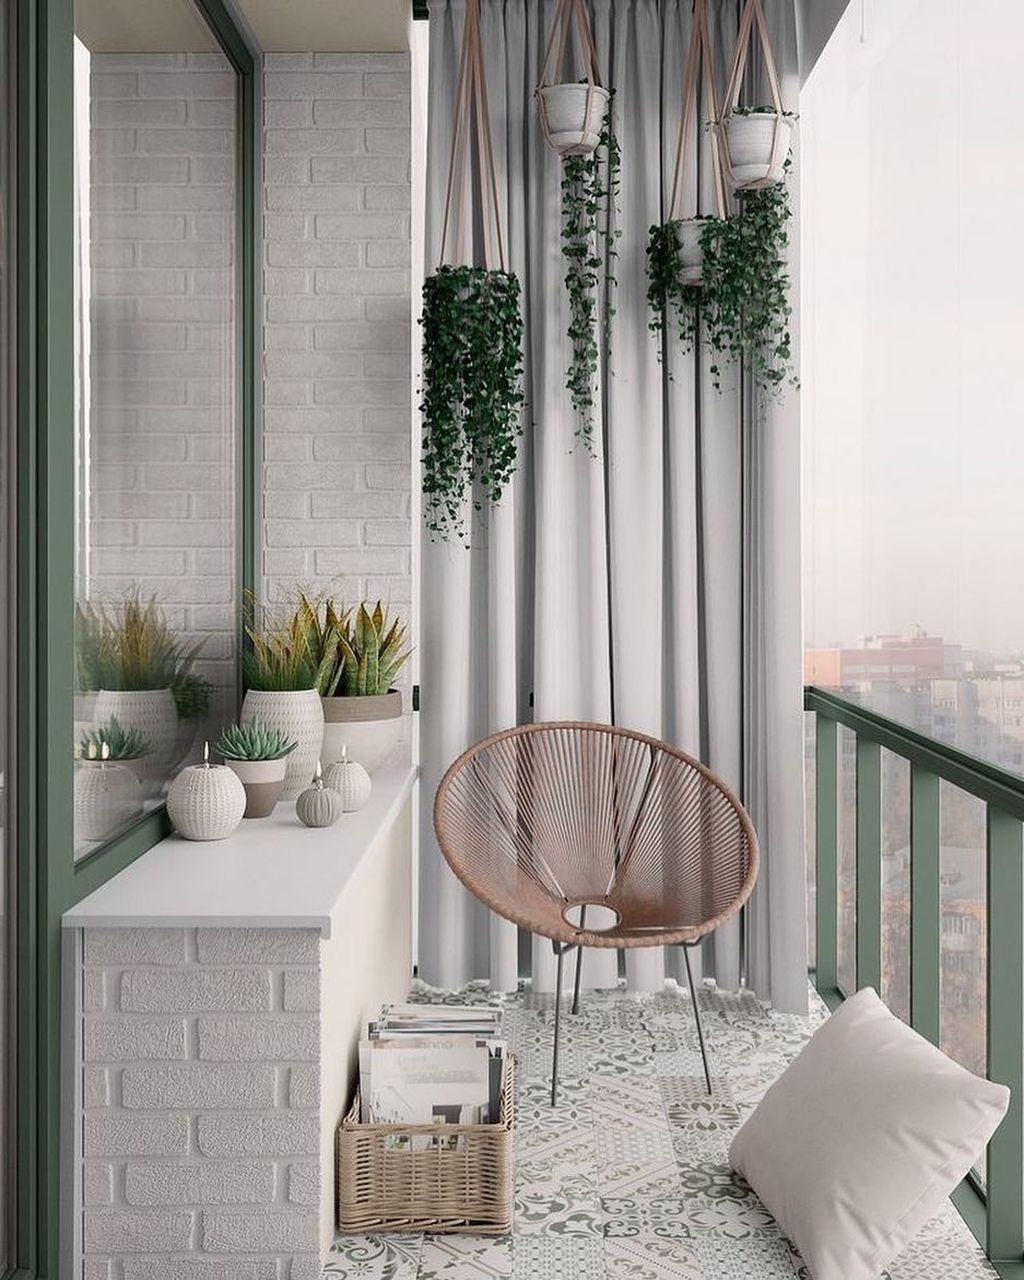 17 Elegant And Cozy Balcony Ideas in 17  Small balcony decor